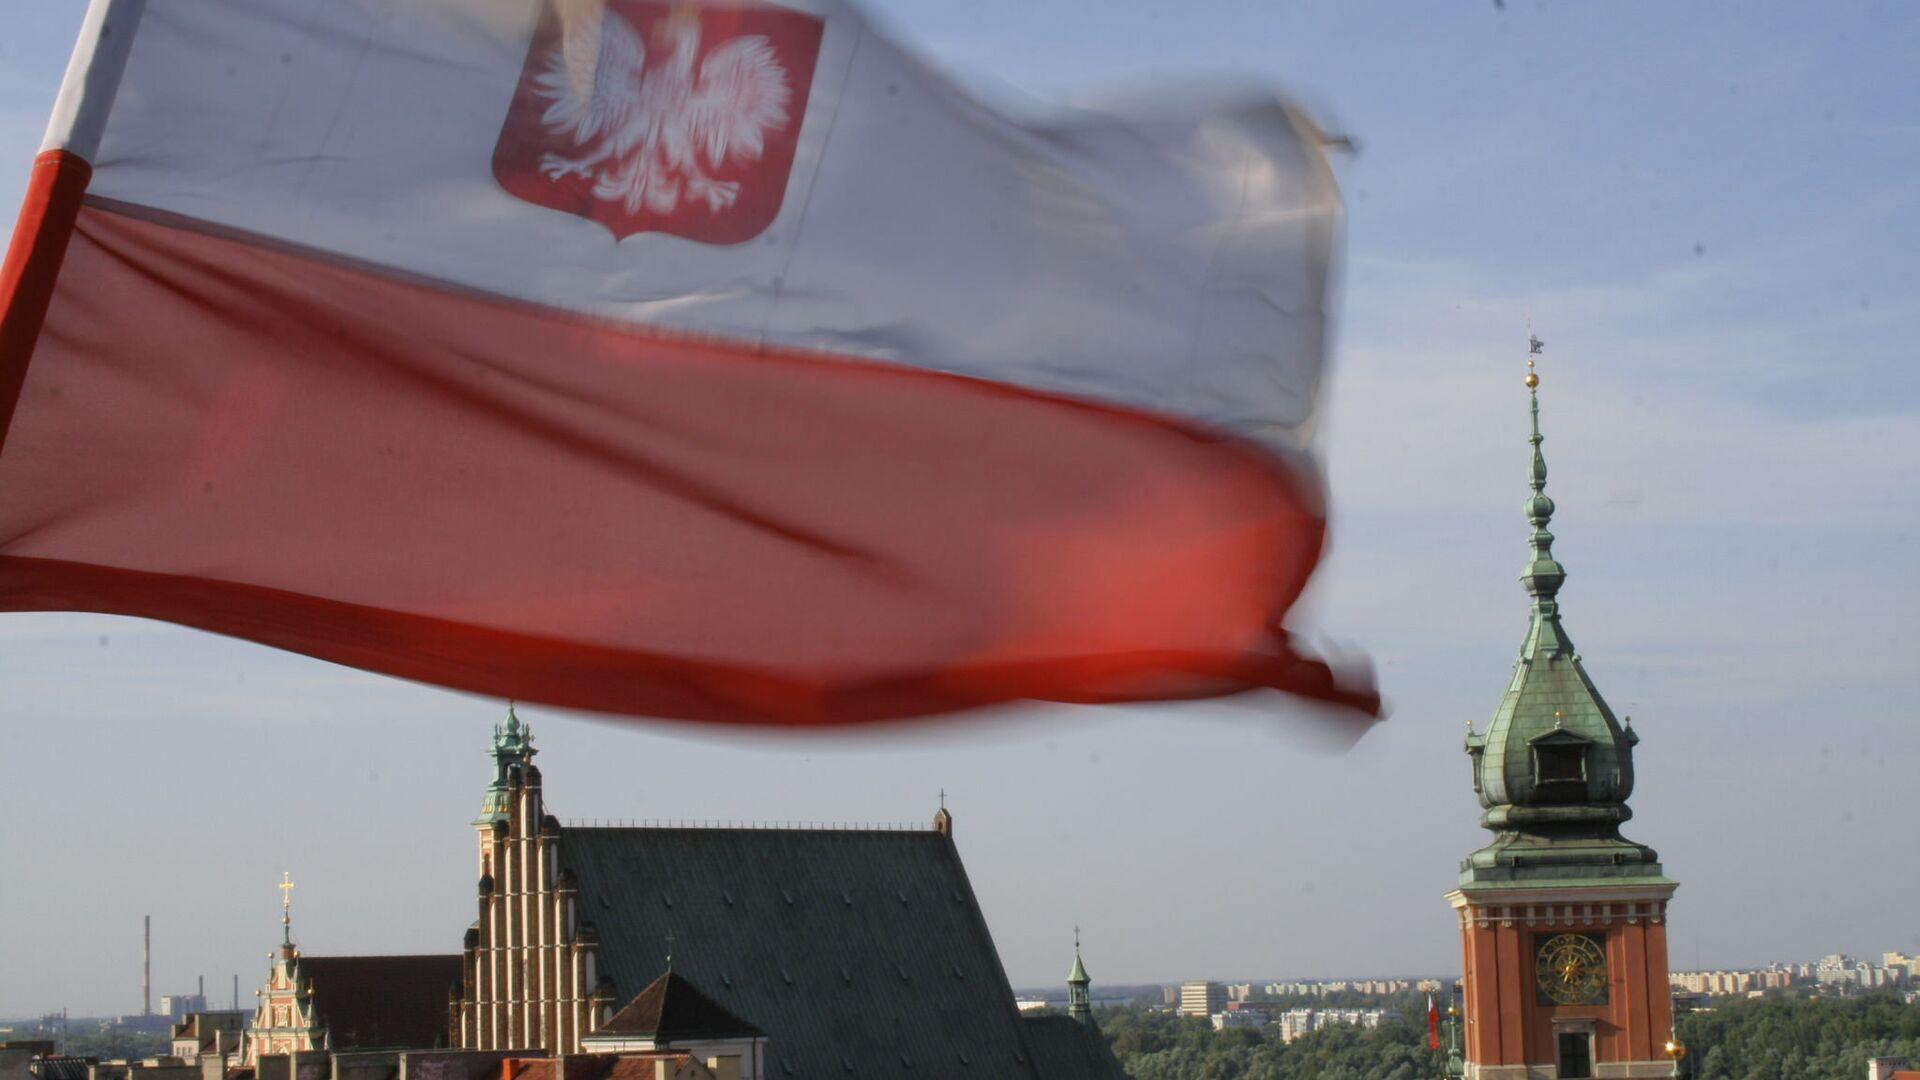 Варшава, Польша - РИА Новости, 1920, 11.08.2021